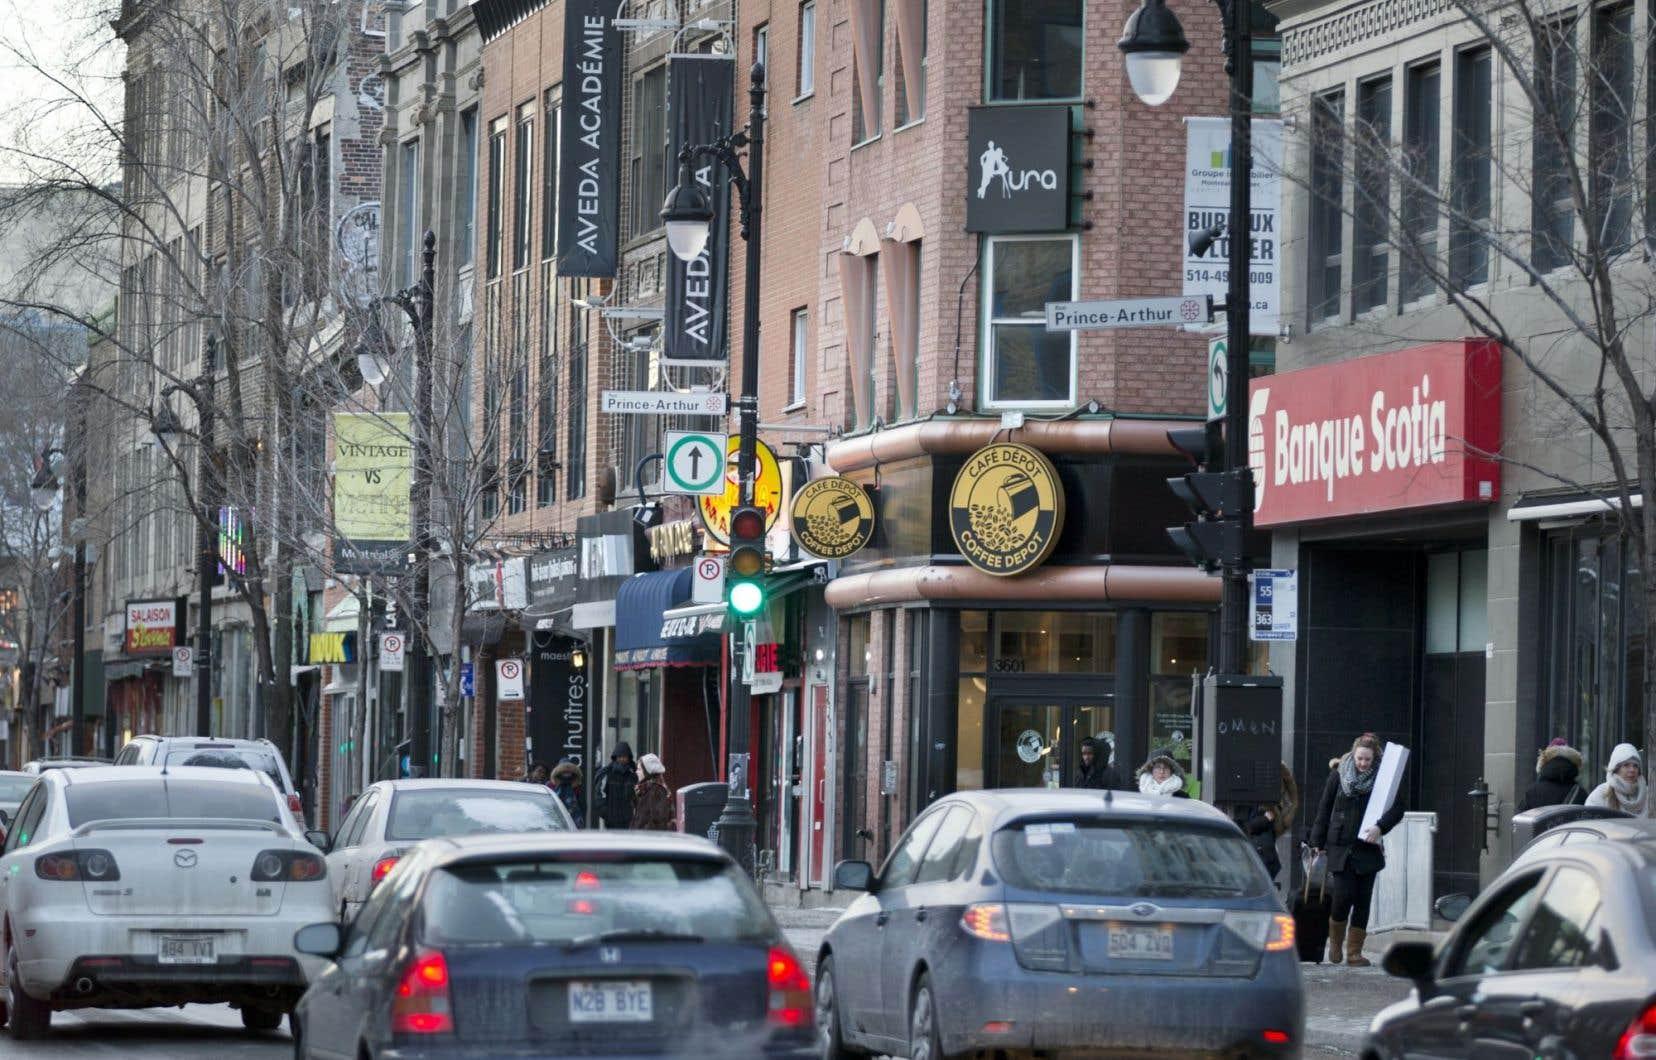 Considéré comme une nuisance par la Ville, le bruit peut aussi participer à l'ambiance urbaine. La rue Prince-Arthur peut par exemple sembler morose à côté du boulevard Saint-Laurent.